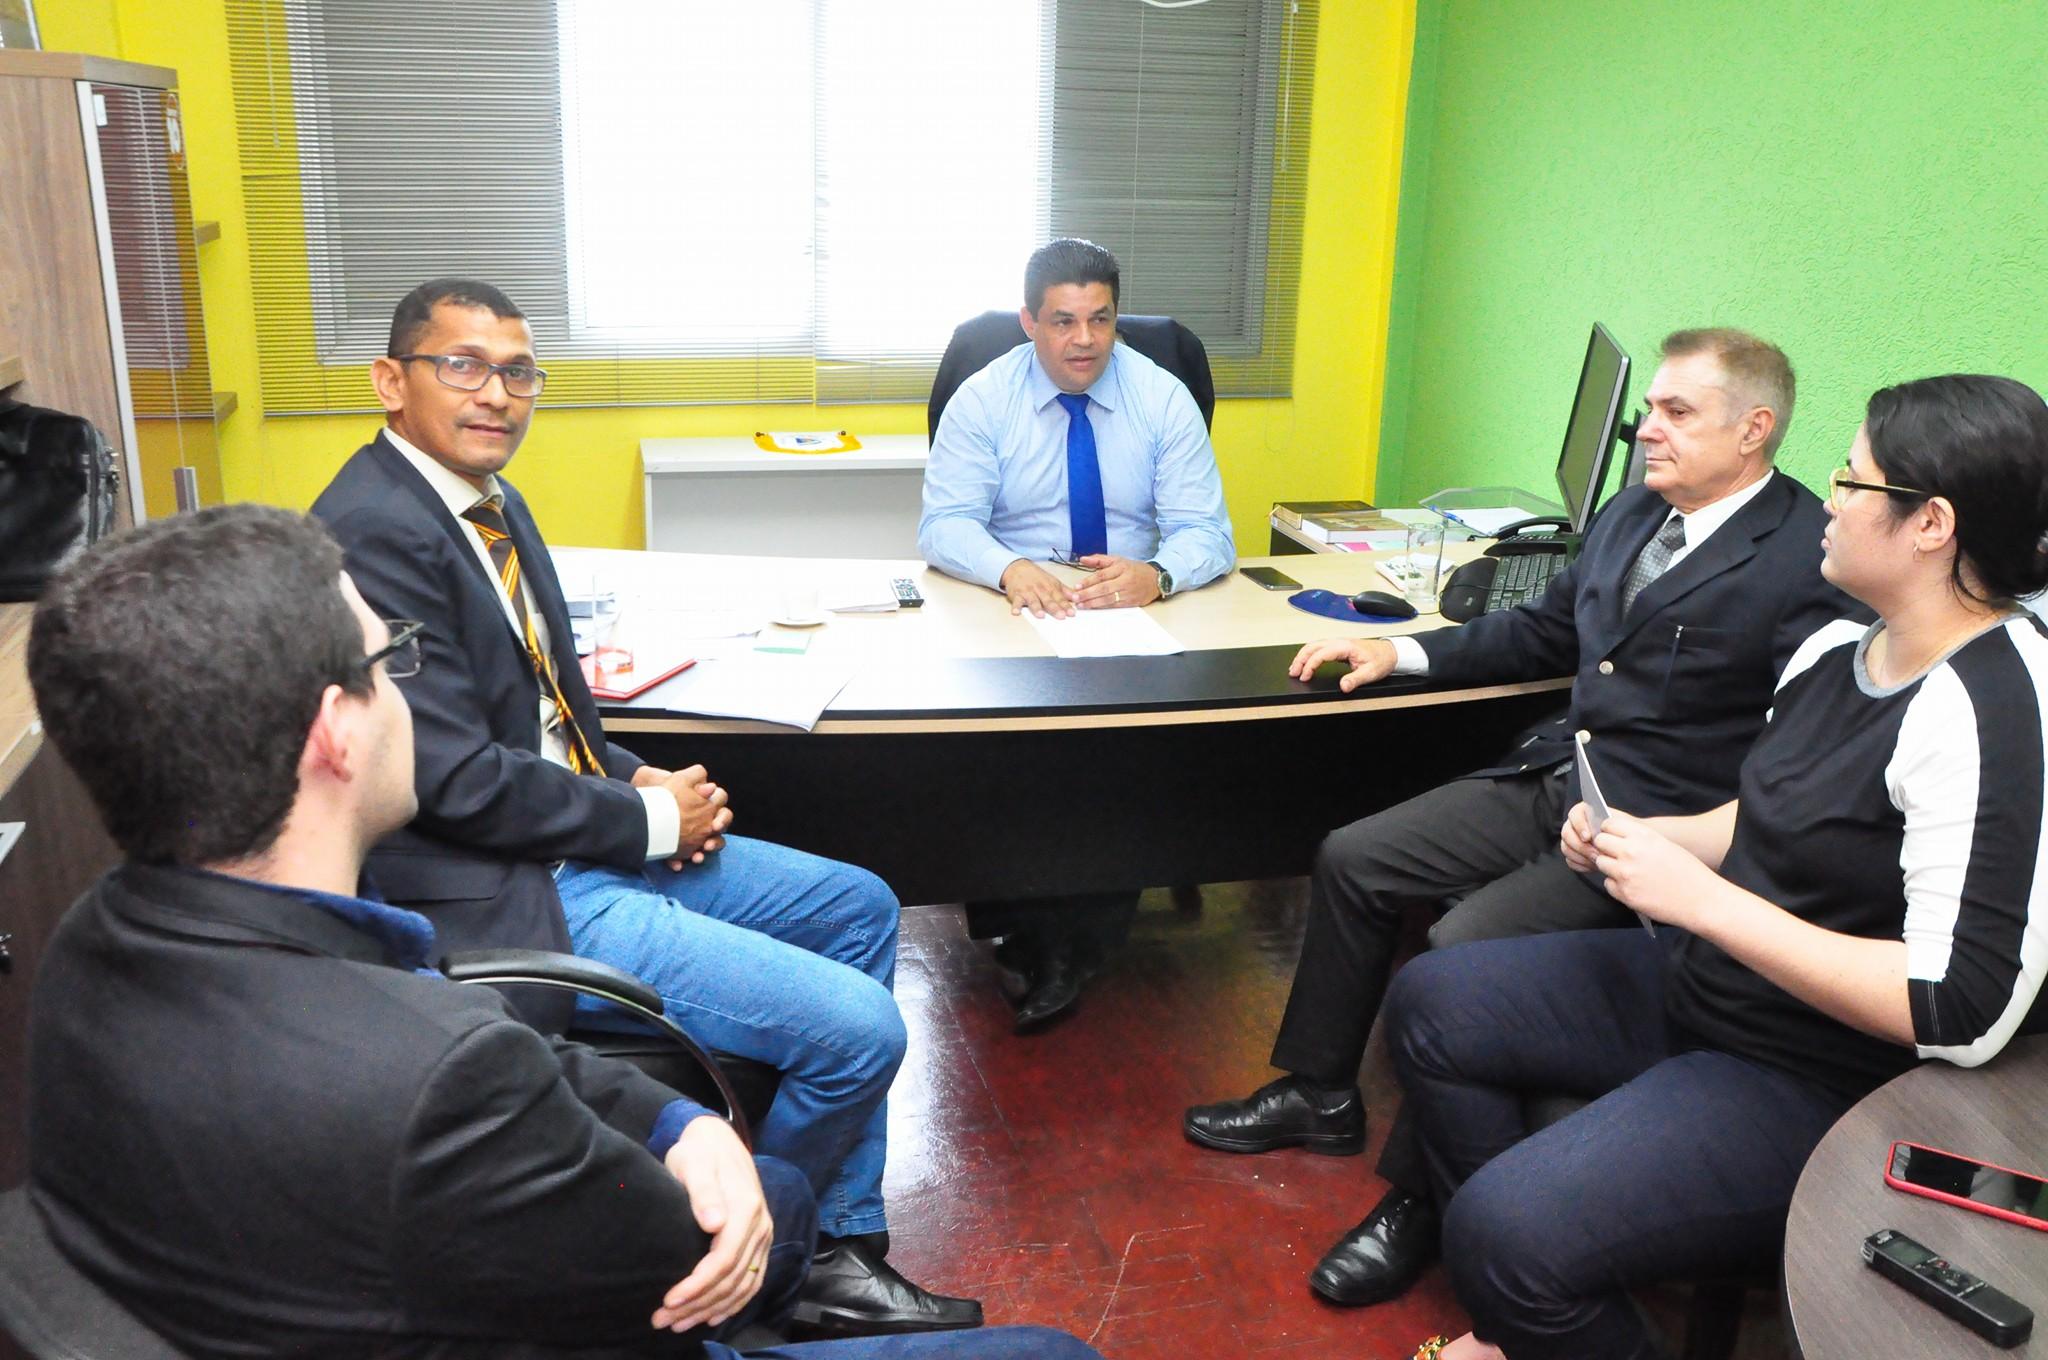 Defesa de Juruna apresenta requerimento de afastamento sem ônus e questiona procedimento da Comissão de Ética